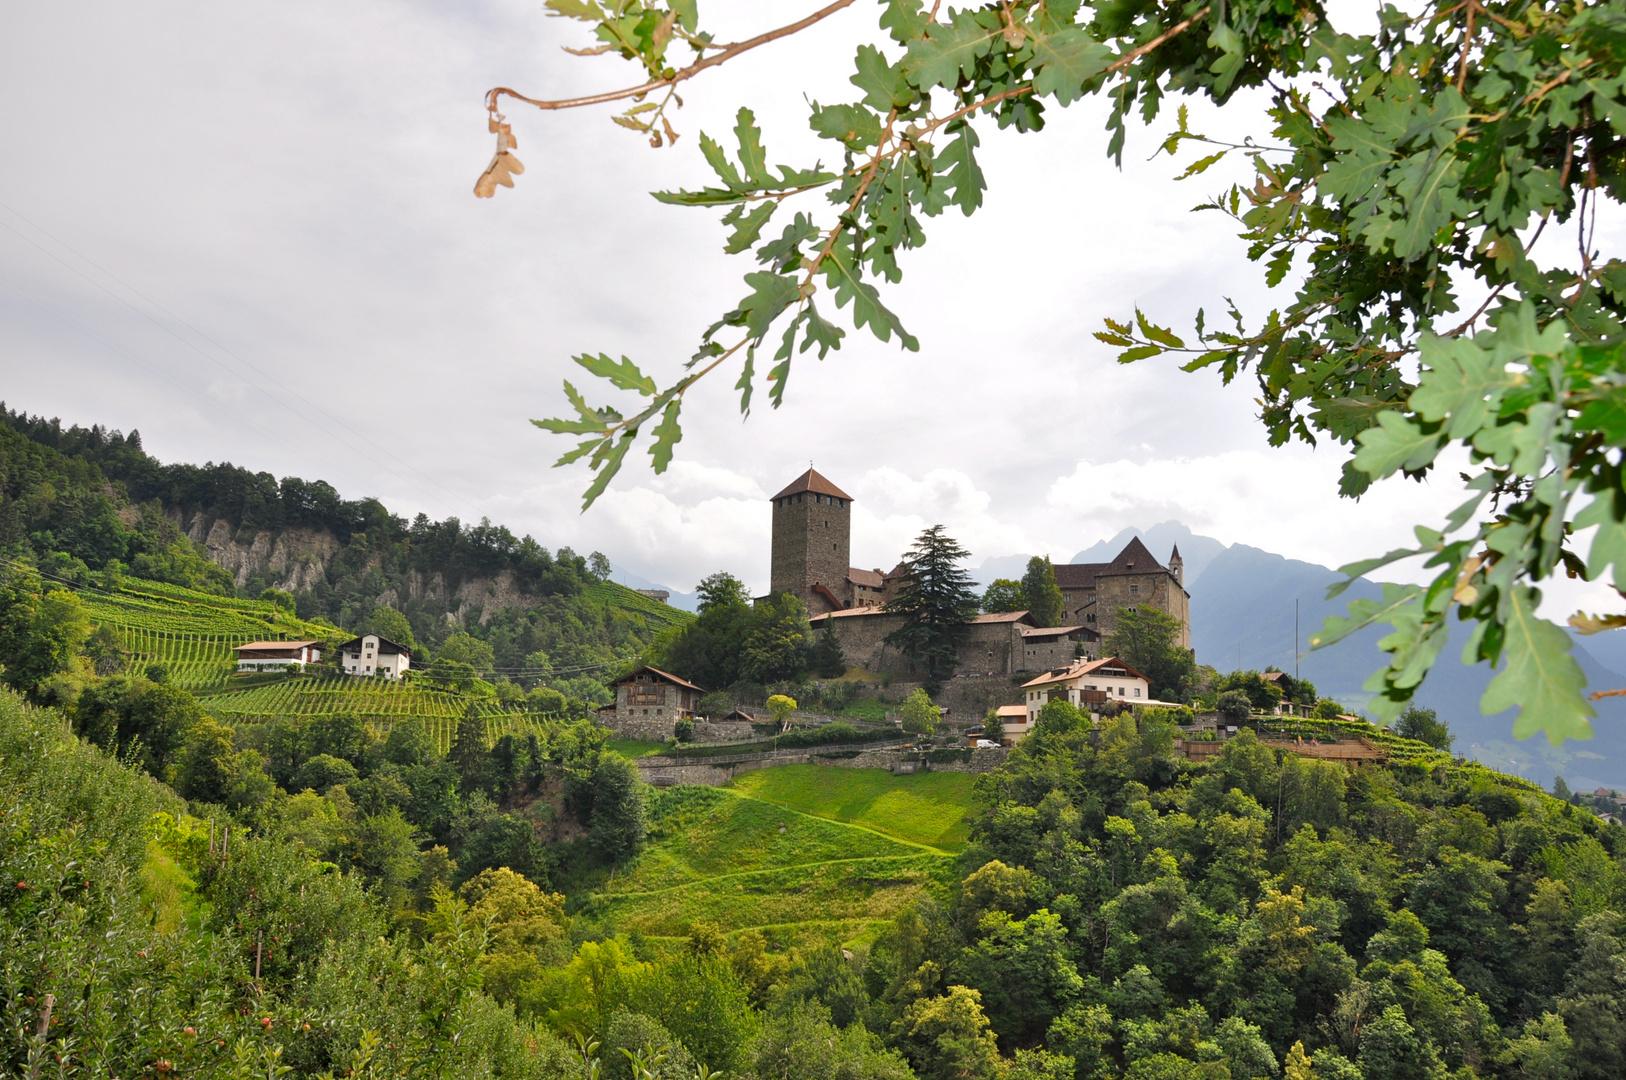 Burg Tirol im Vinschgau